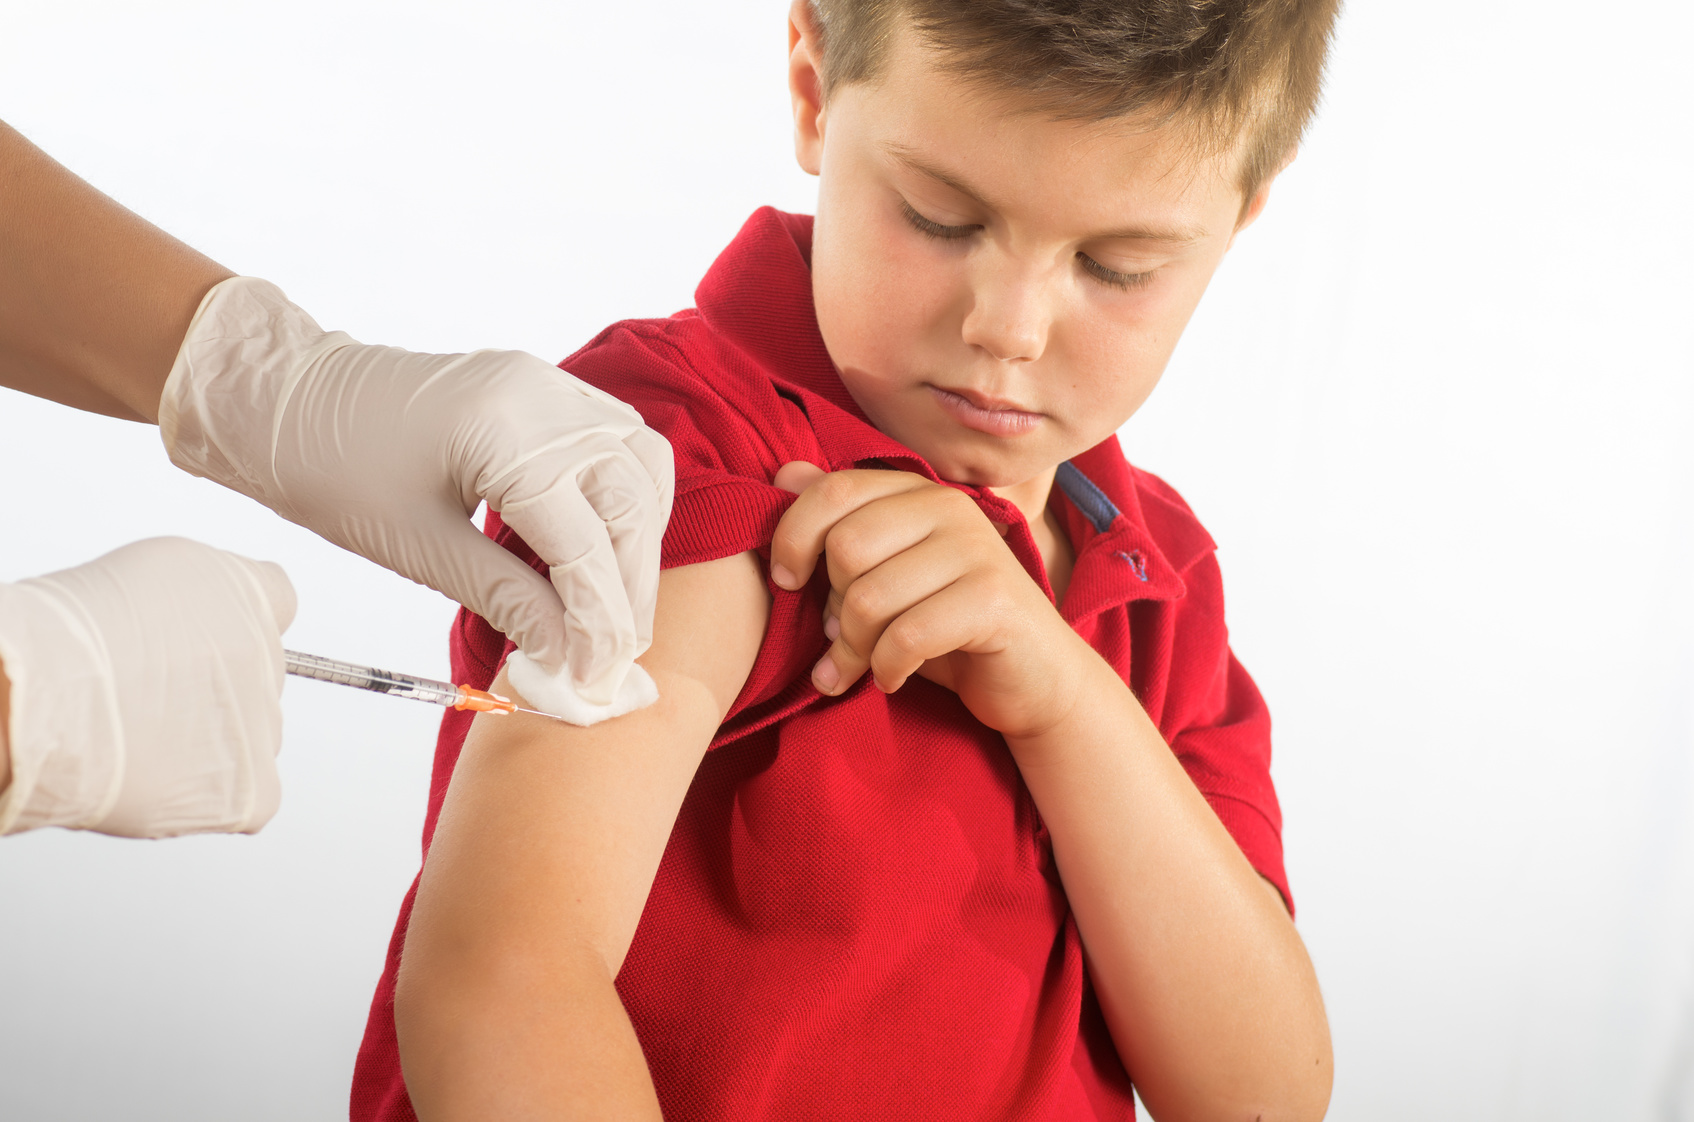 hpv impfung volt kostet)